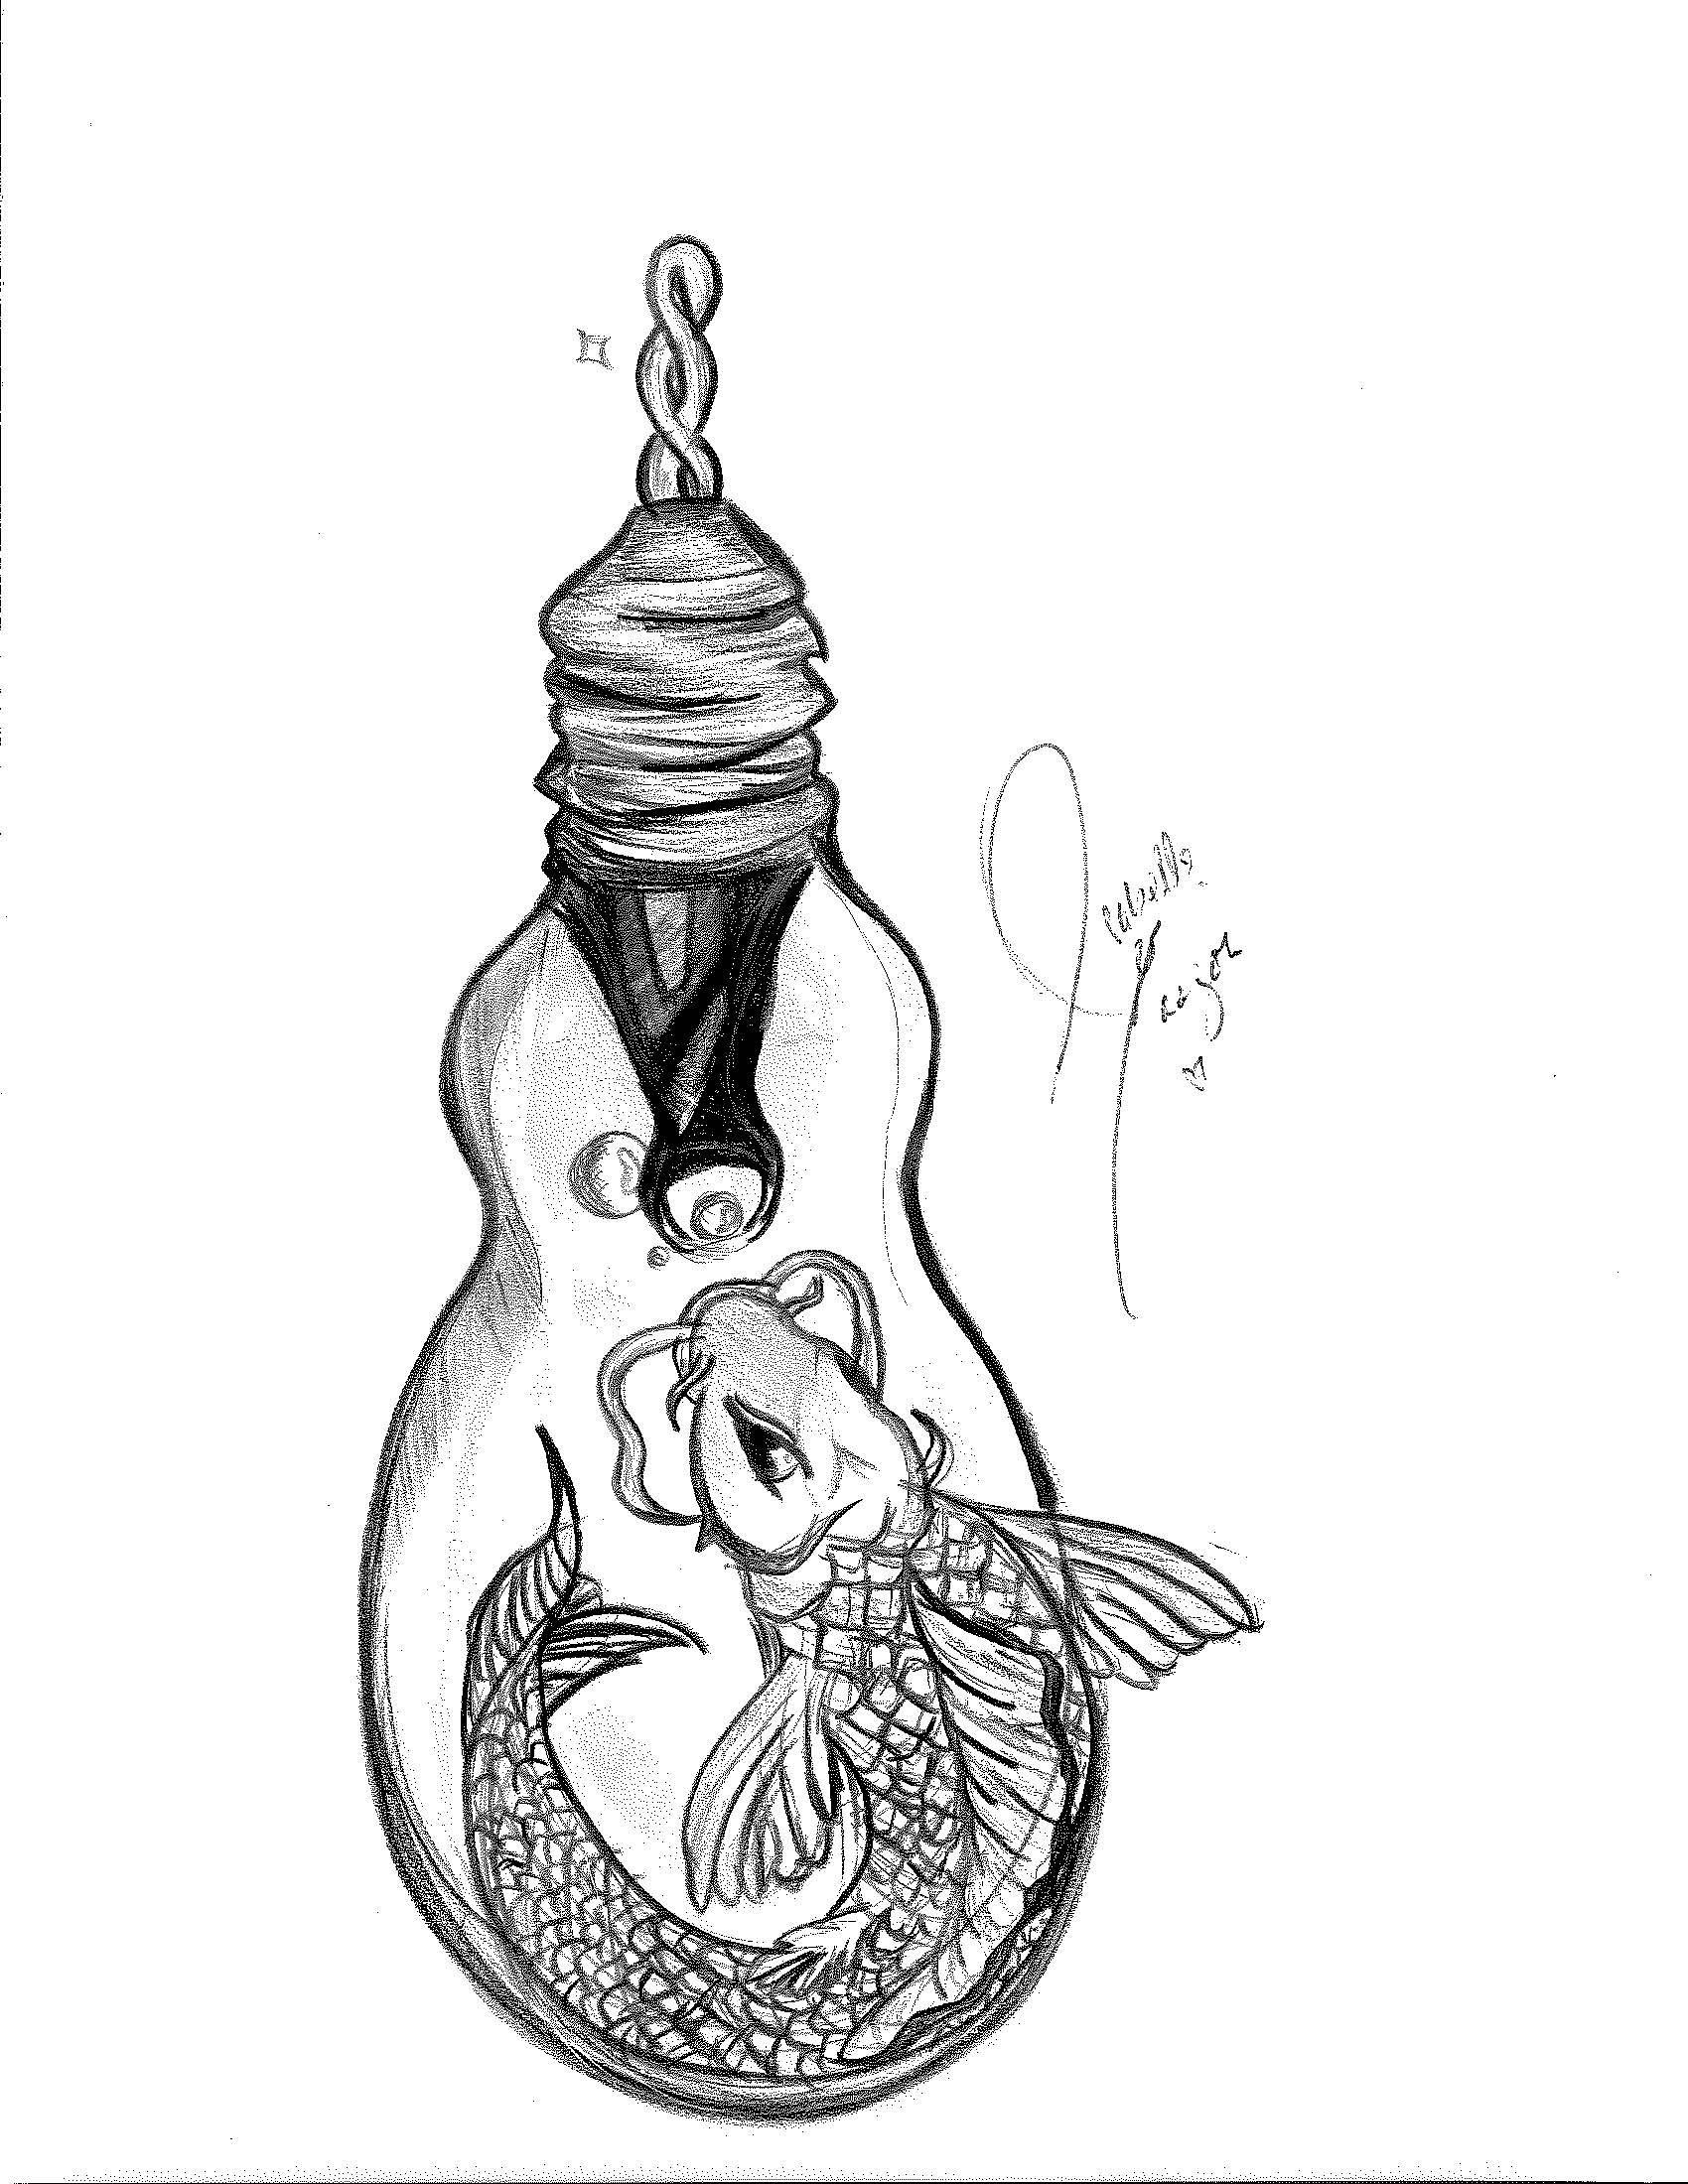 8. Lightbulb